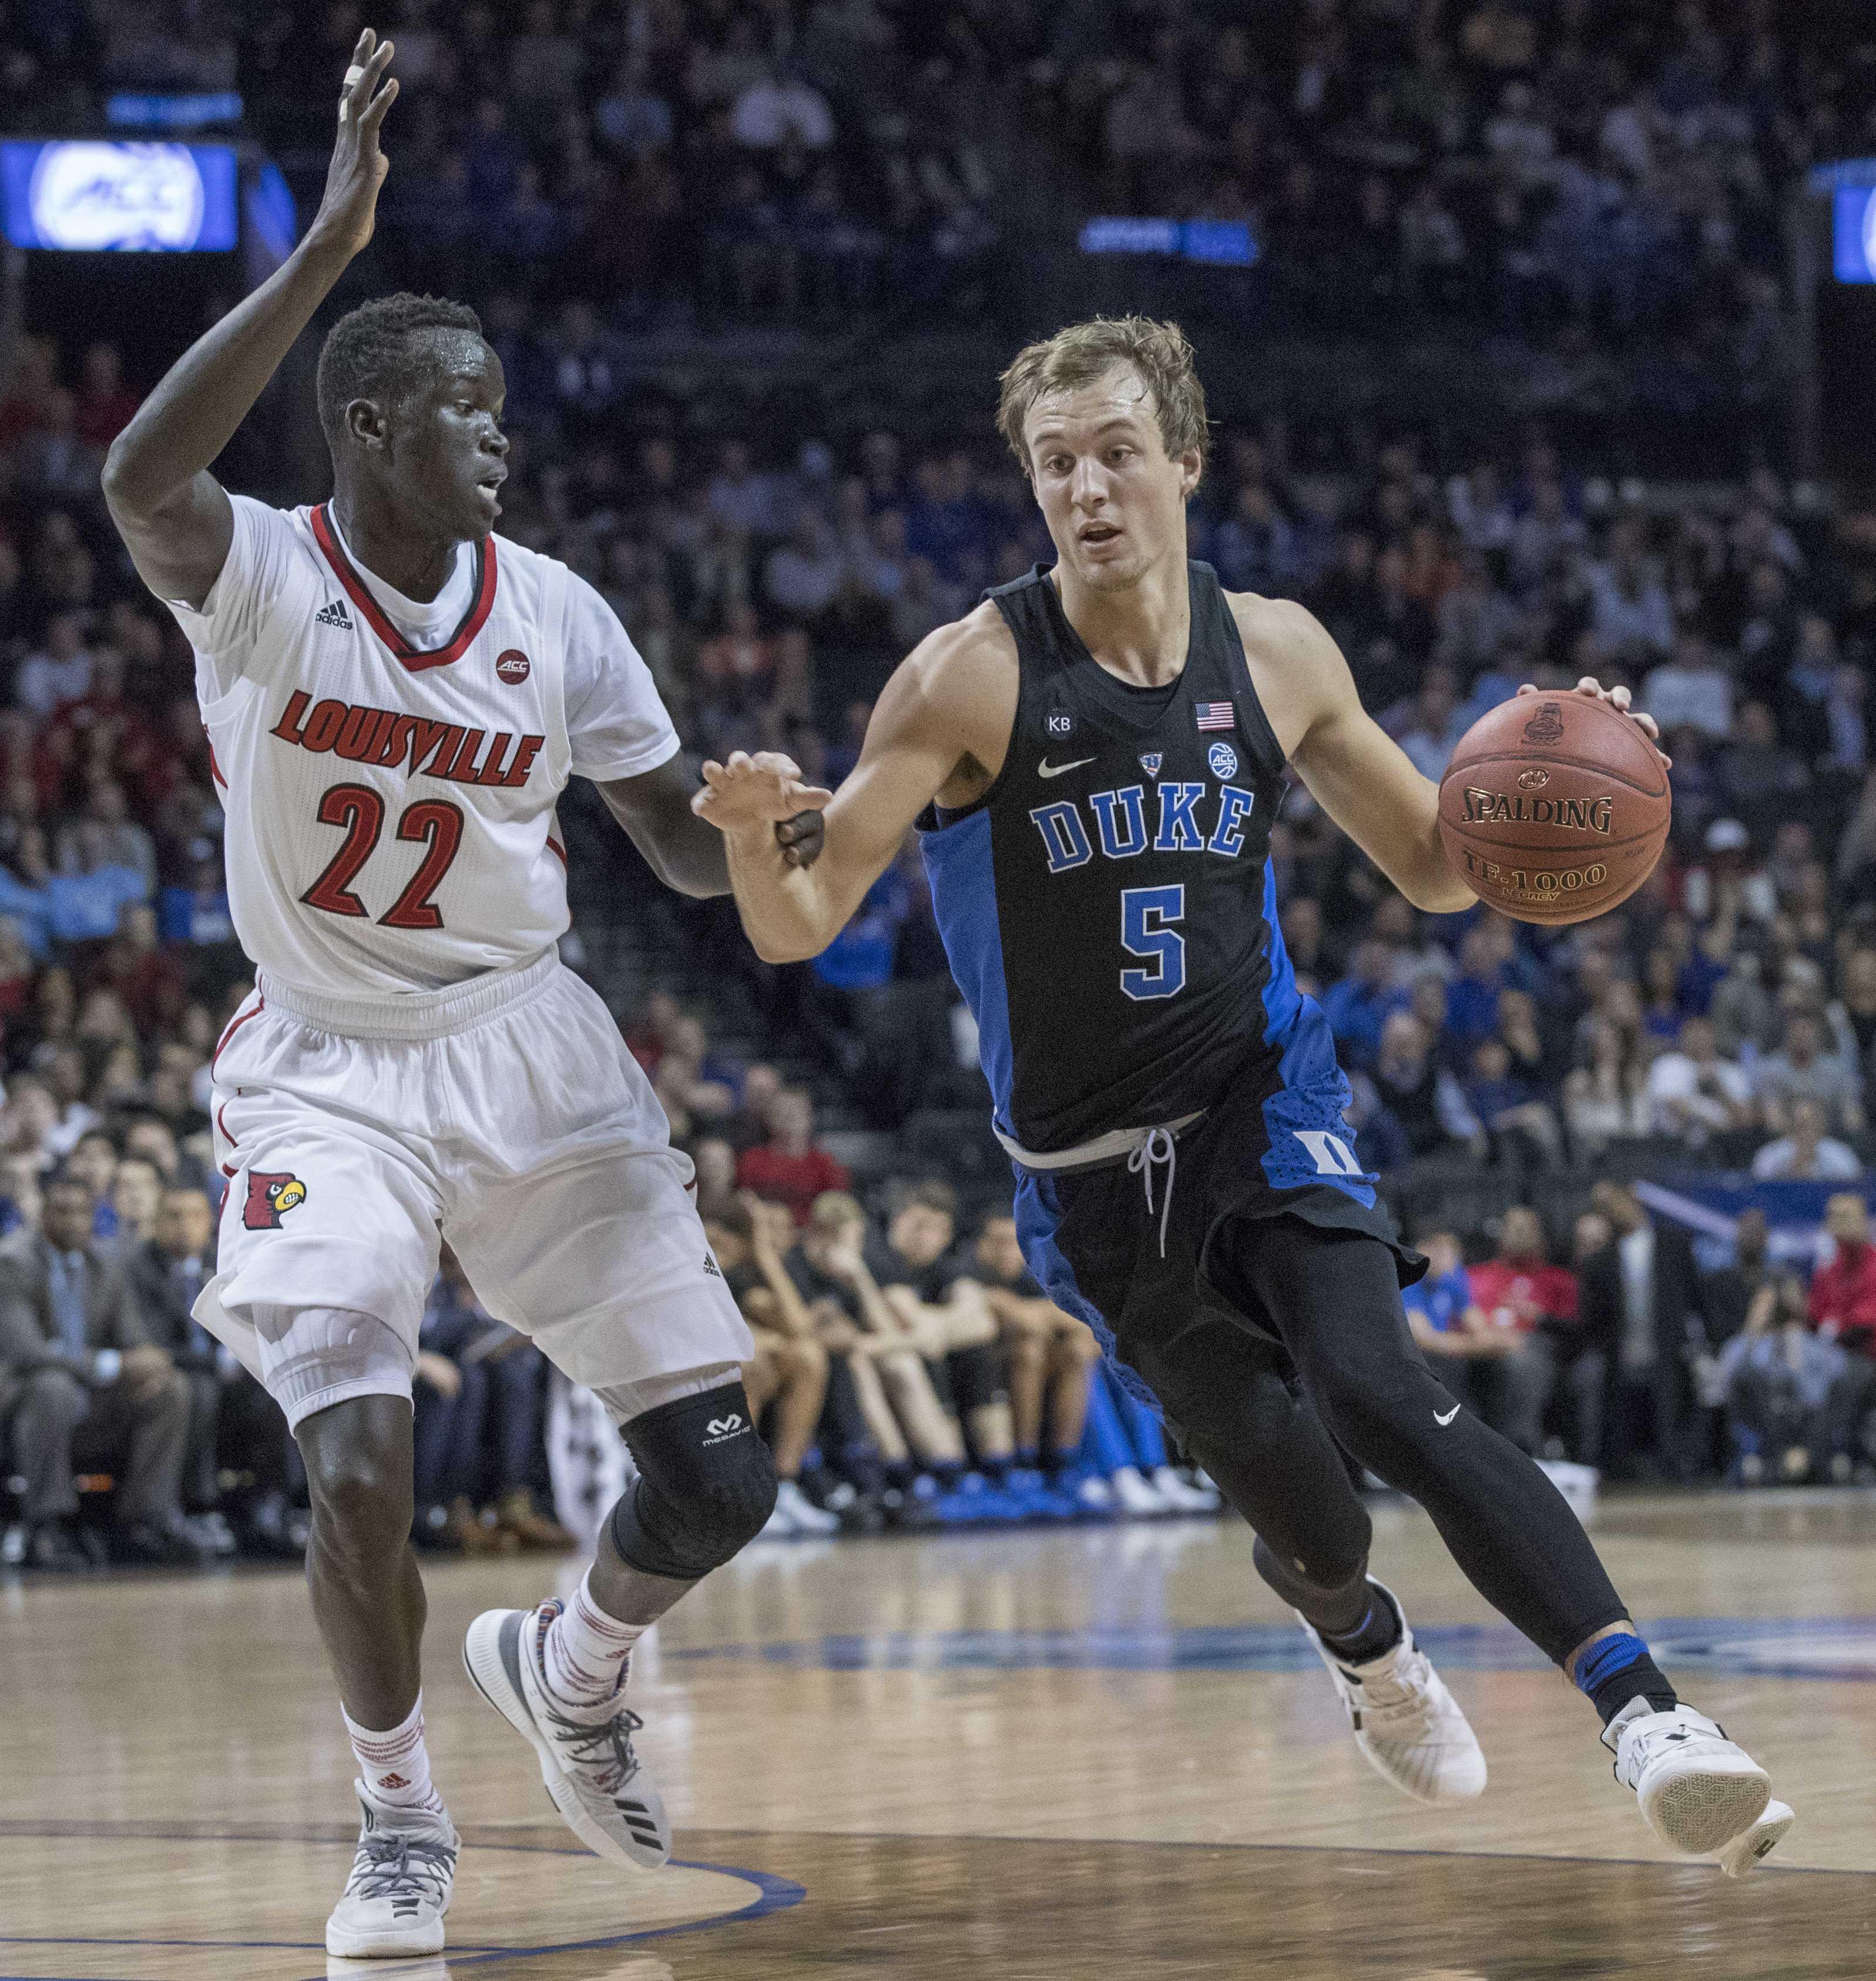 Luke Kennard will enter the National Basketball Association draft, ending his Duke career